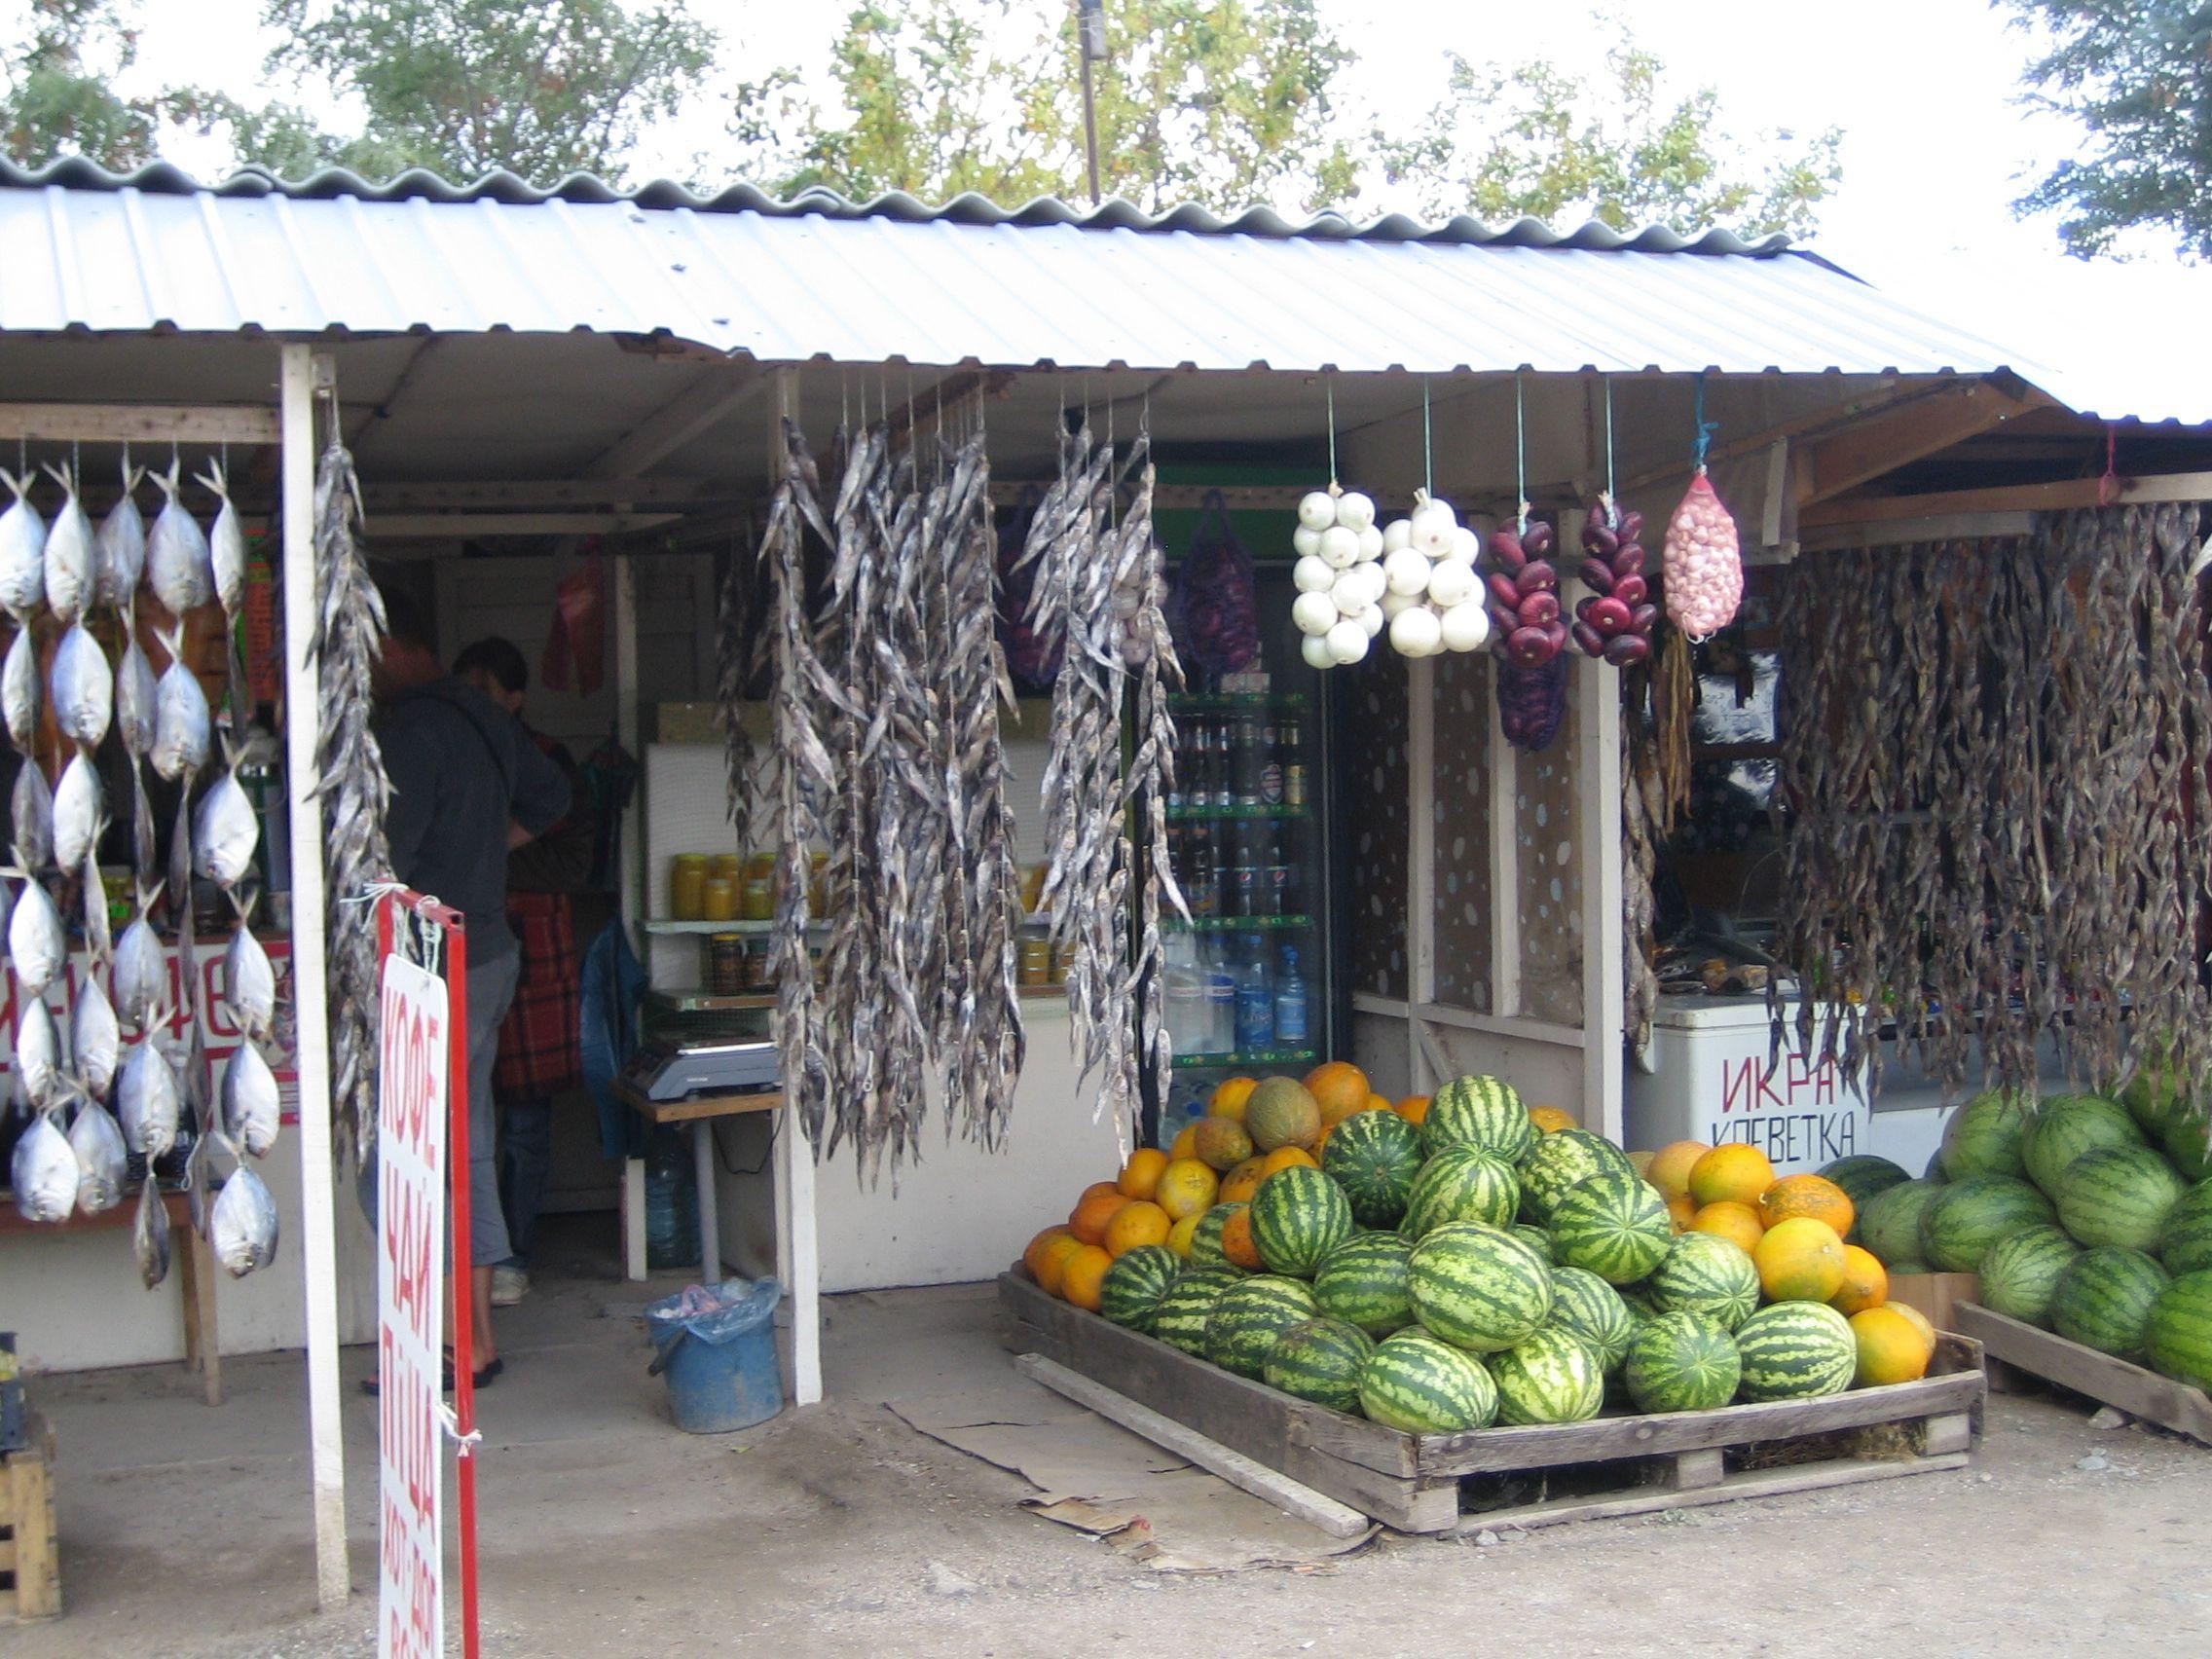 Un magasin : les poissons sèches au soleil à côté des fruits.